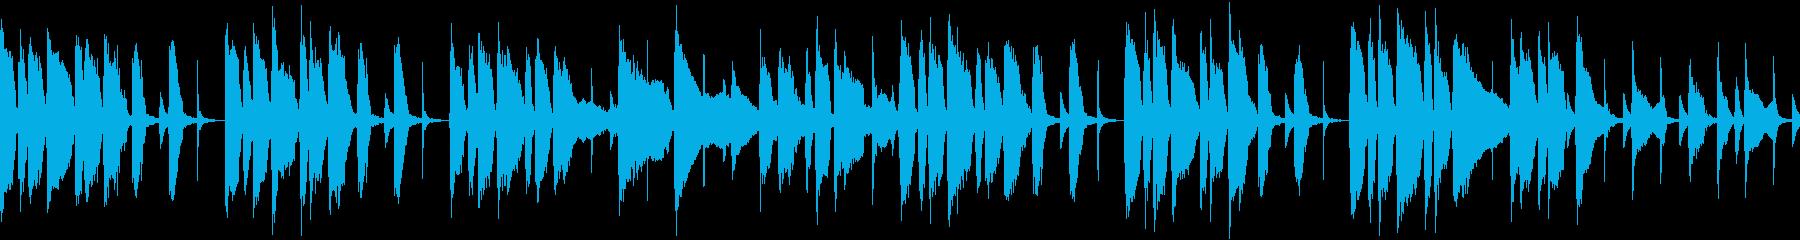 コミカルで気の抜ける曲(ループの再生済みの波形